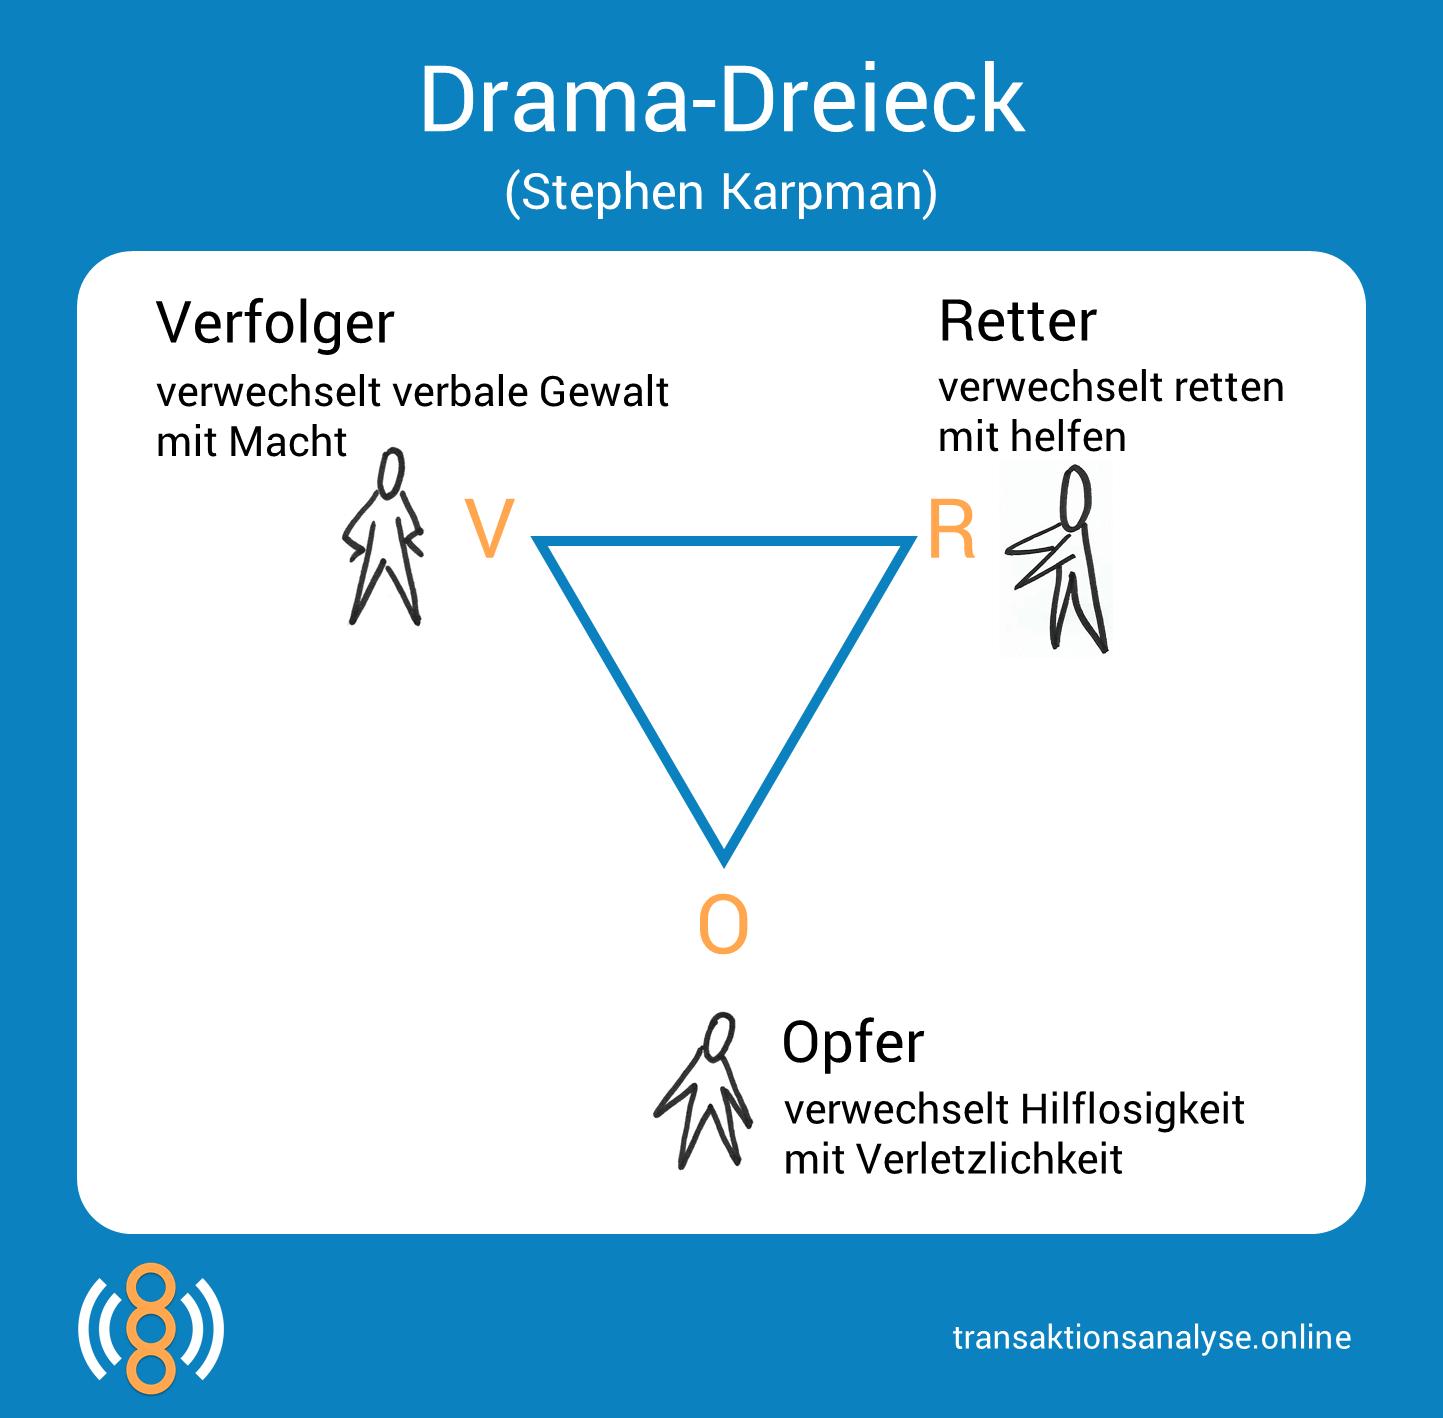 Abwehrmechanismen Freud Beispiele stephen karpman und das drama-dreieck   drama